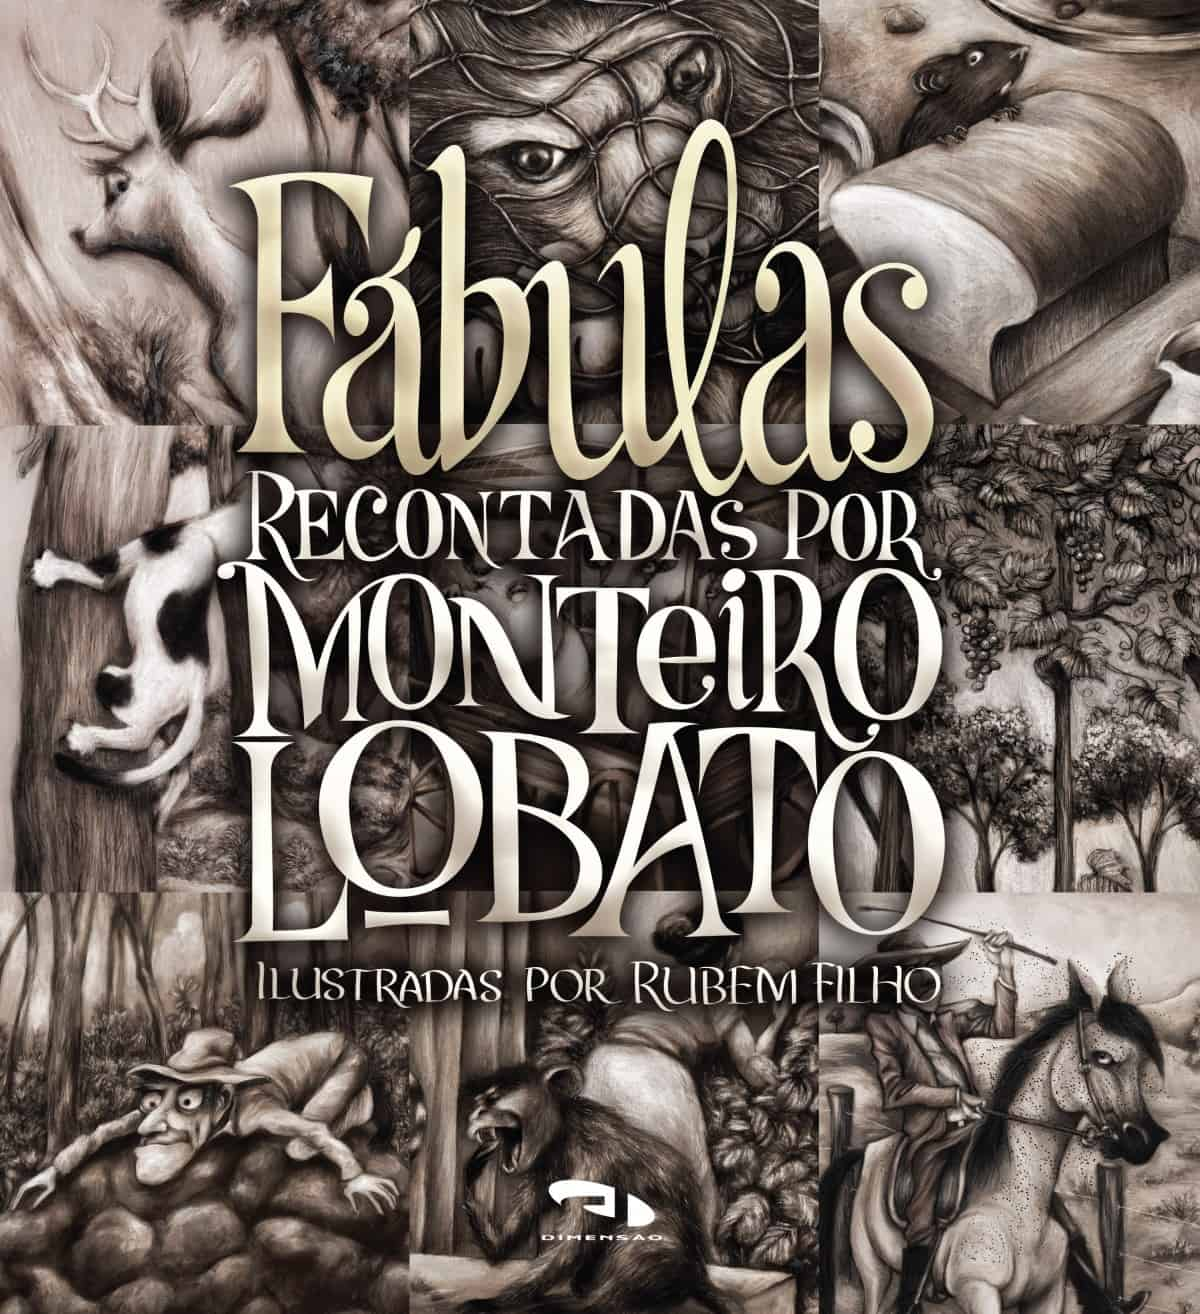 Foto 1 - Fábulas recontadas por Monteiro Lobato